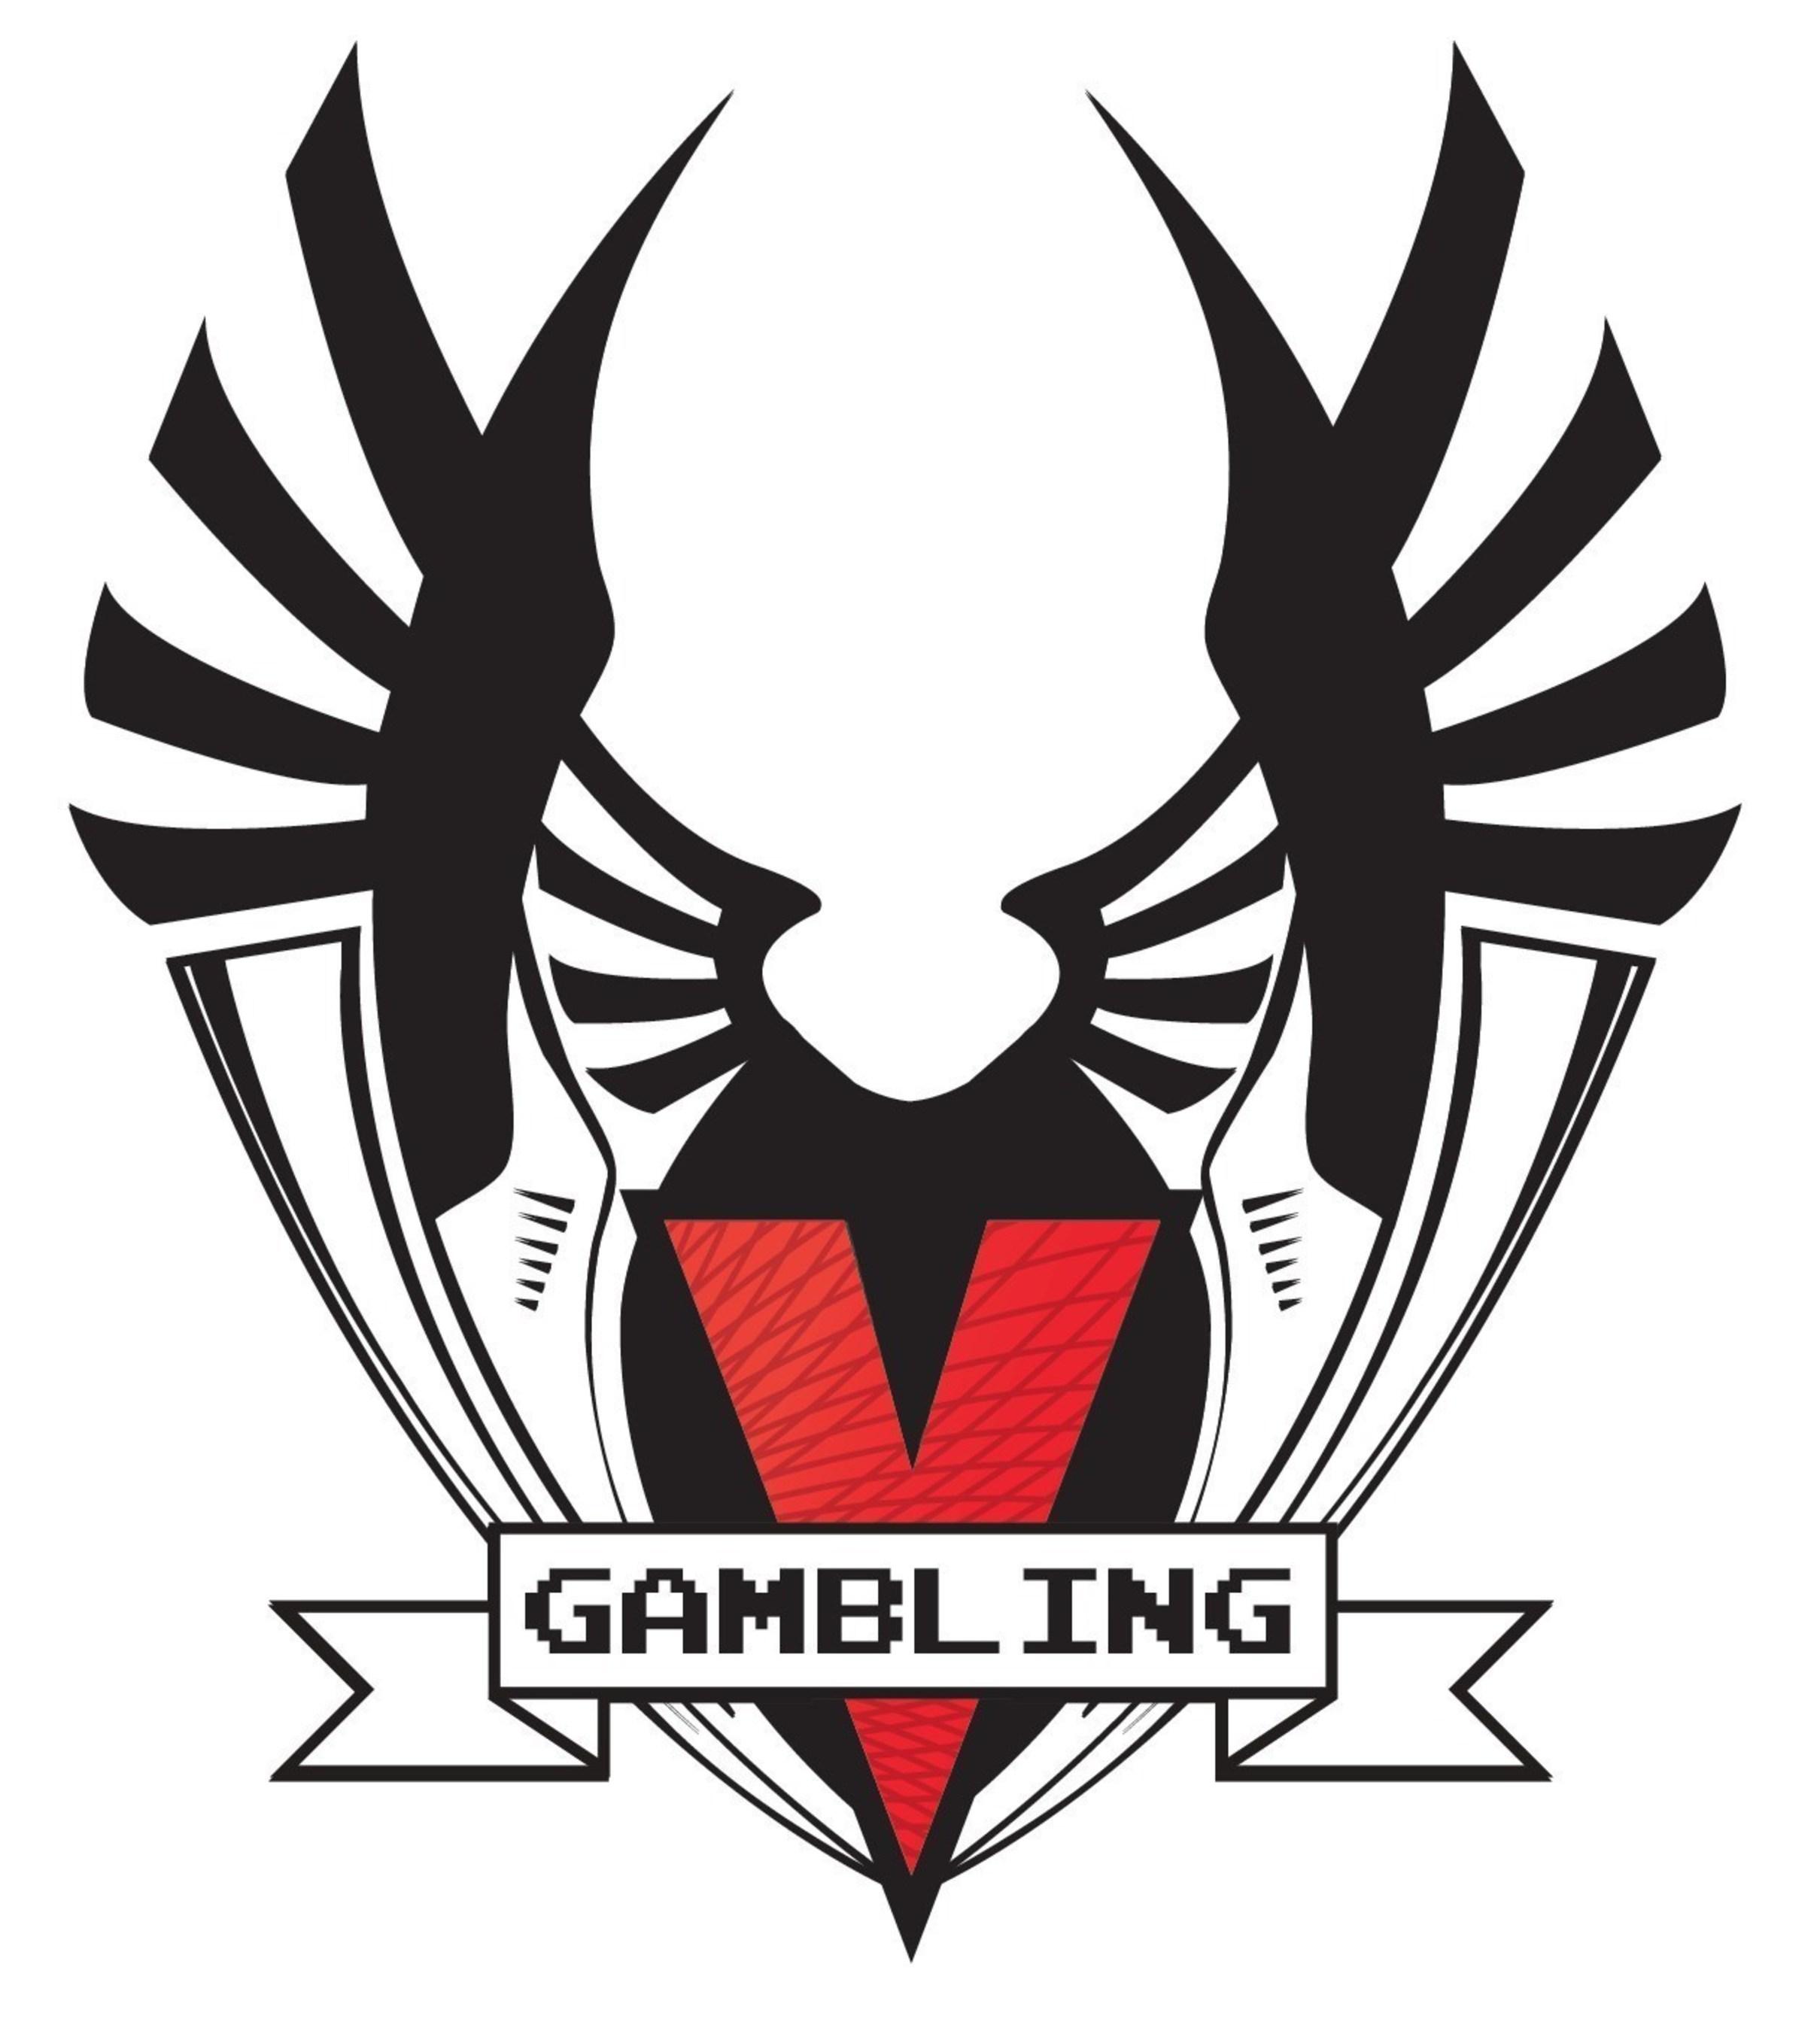 VGambling Inc. gibt nicht von Maklern vermittelte private Platzierung von Einheiten bekannt